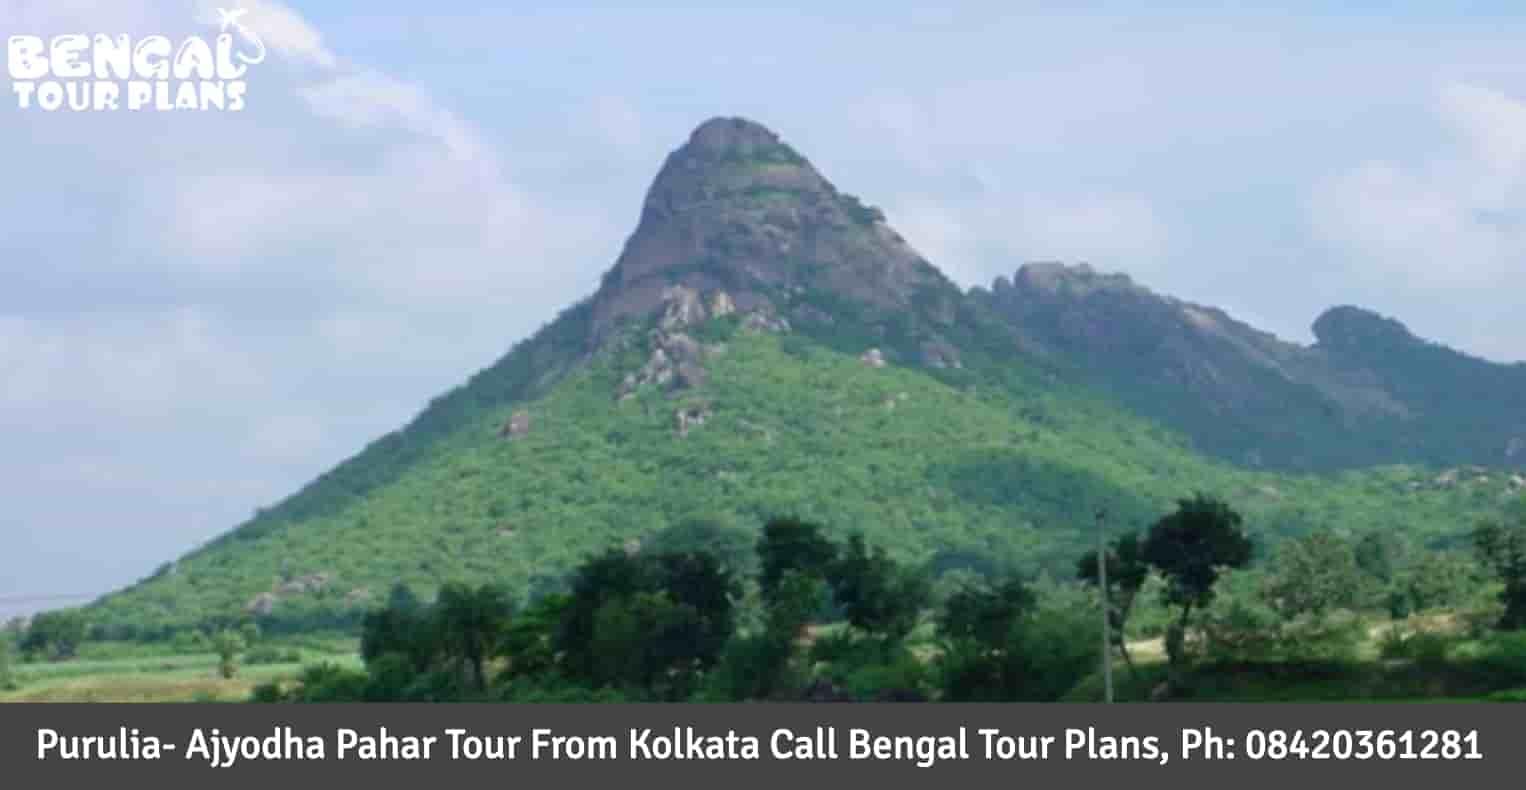 Purulia Ajyodha Pahar Tour From Kolkata